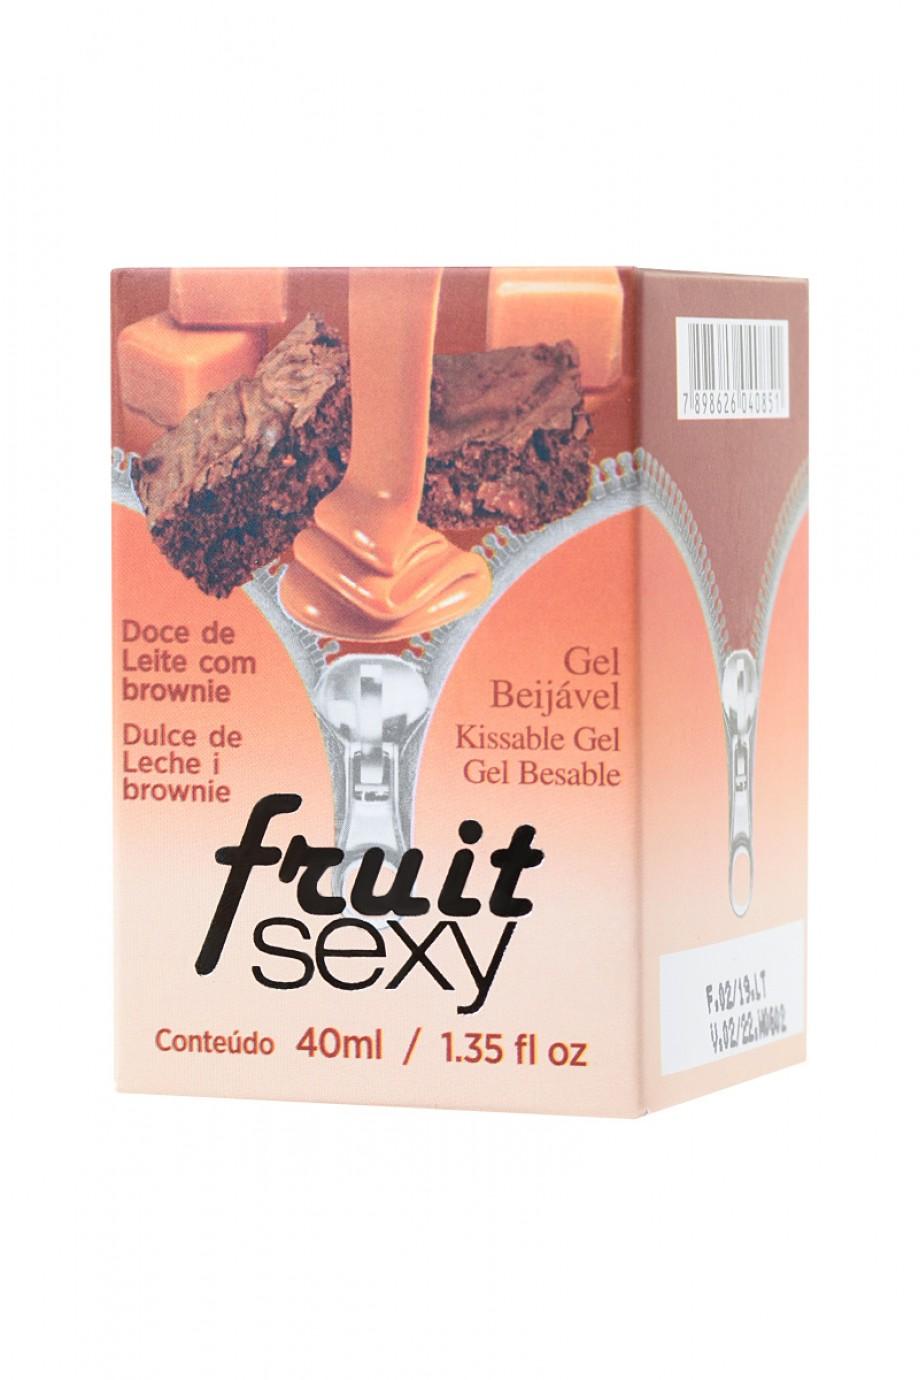 Массажное масло для поцелуев INTT FRUIT SEXY Dulce de leche and brownie с разогревающим эффектом и ароматом сладкого брауни, 40 мл